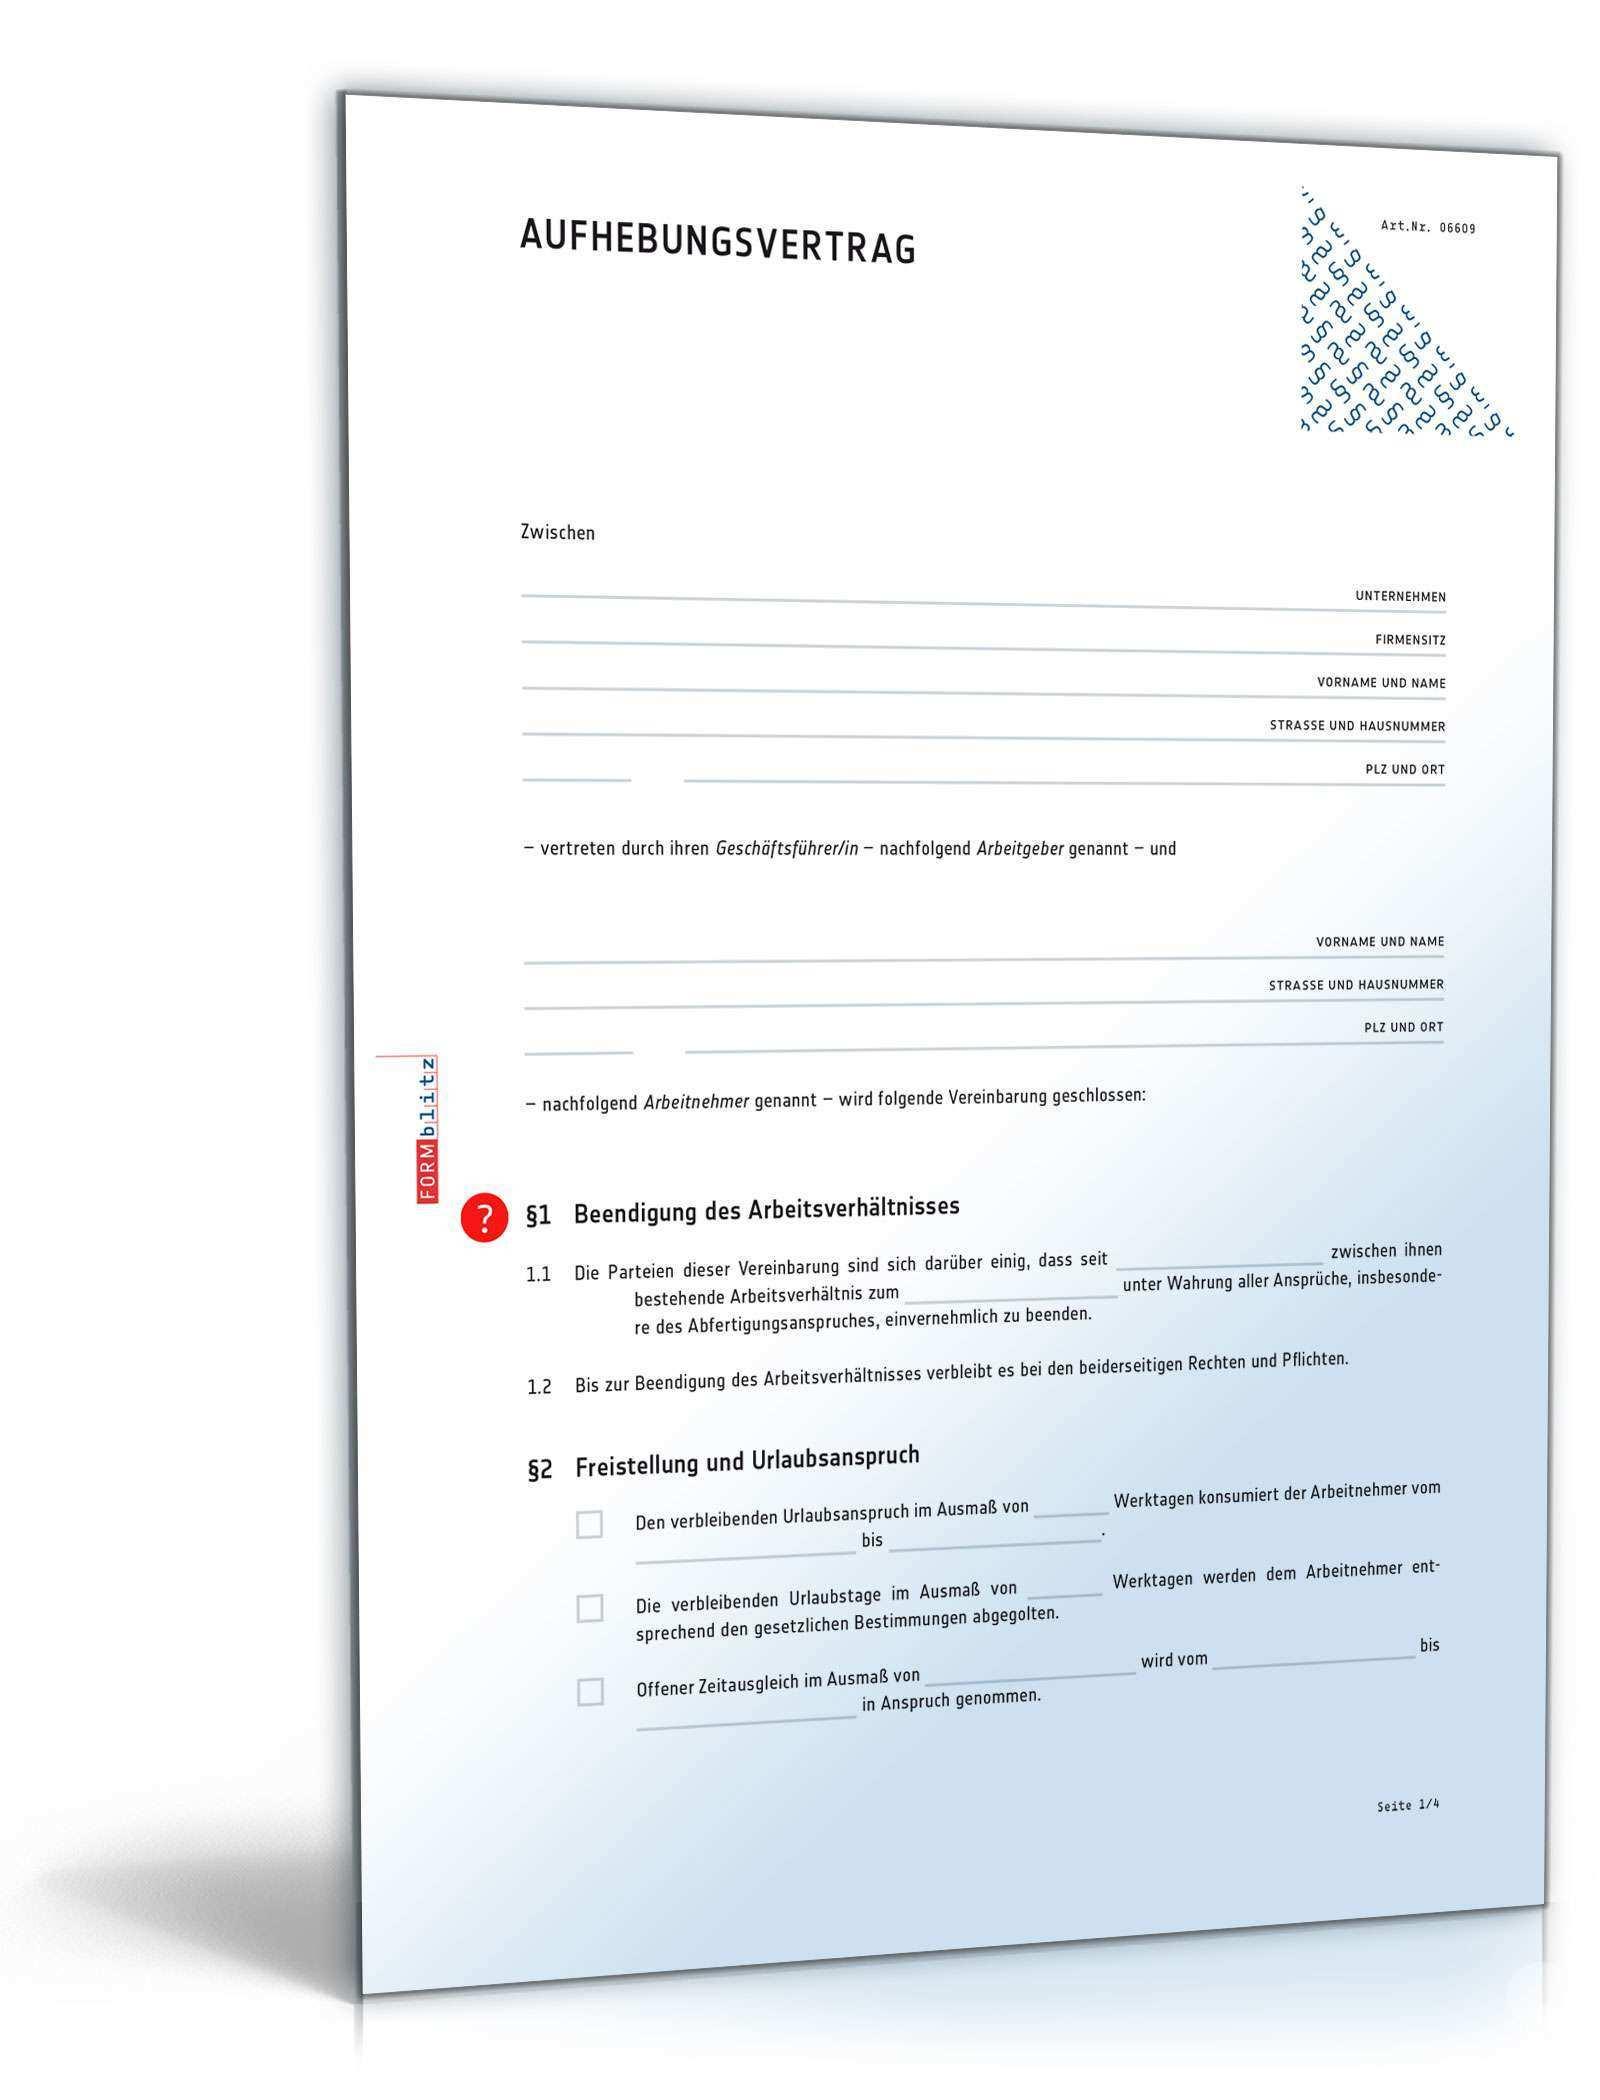 Aufhebungsvertrag Fur Ein Arbeitsverhaltnis Muster Zum Download